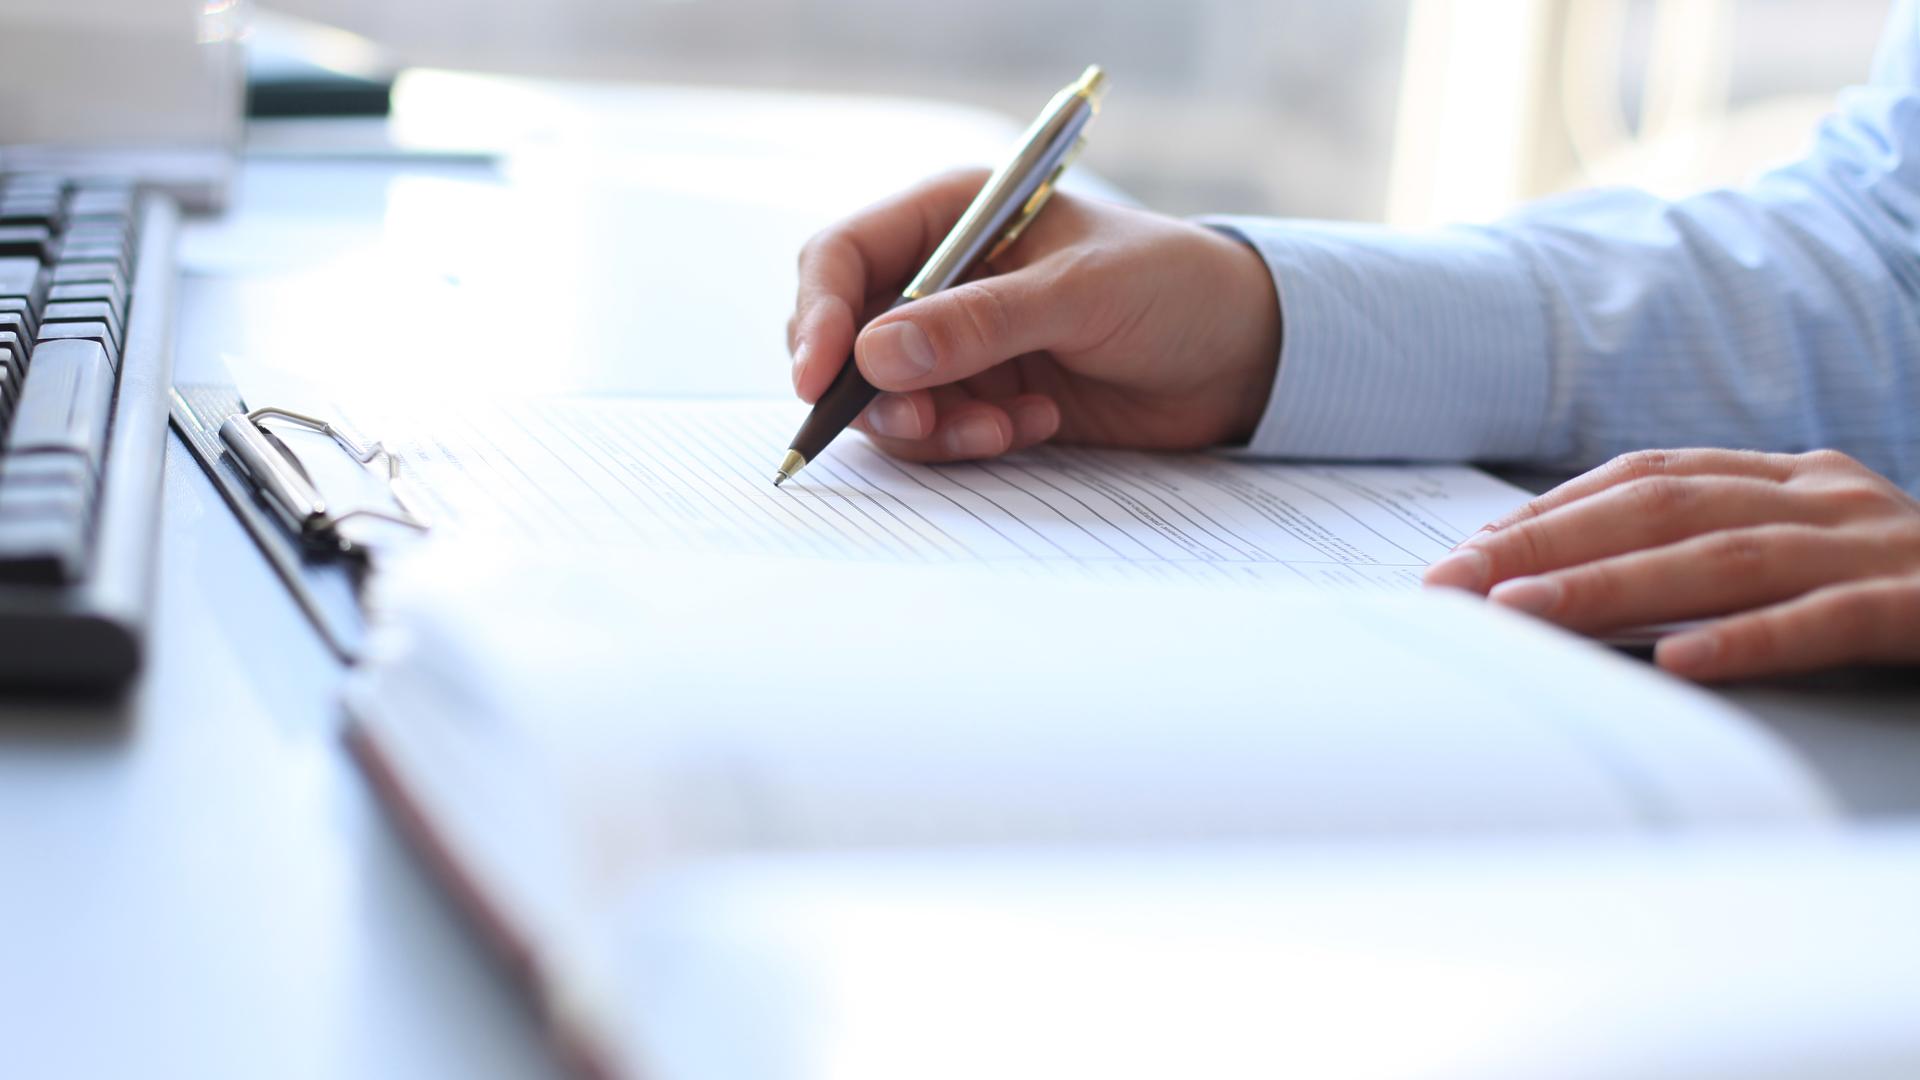 Pen signing paperwork